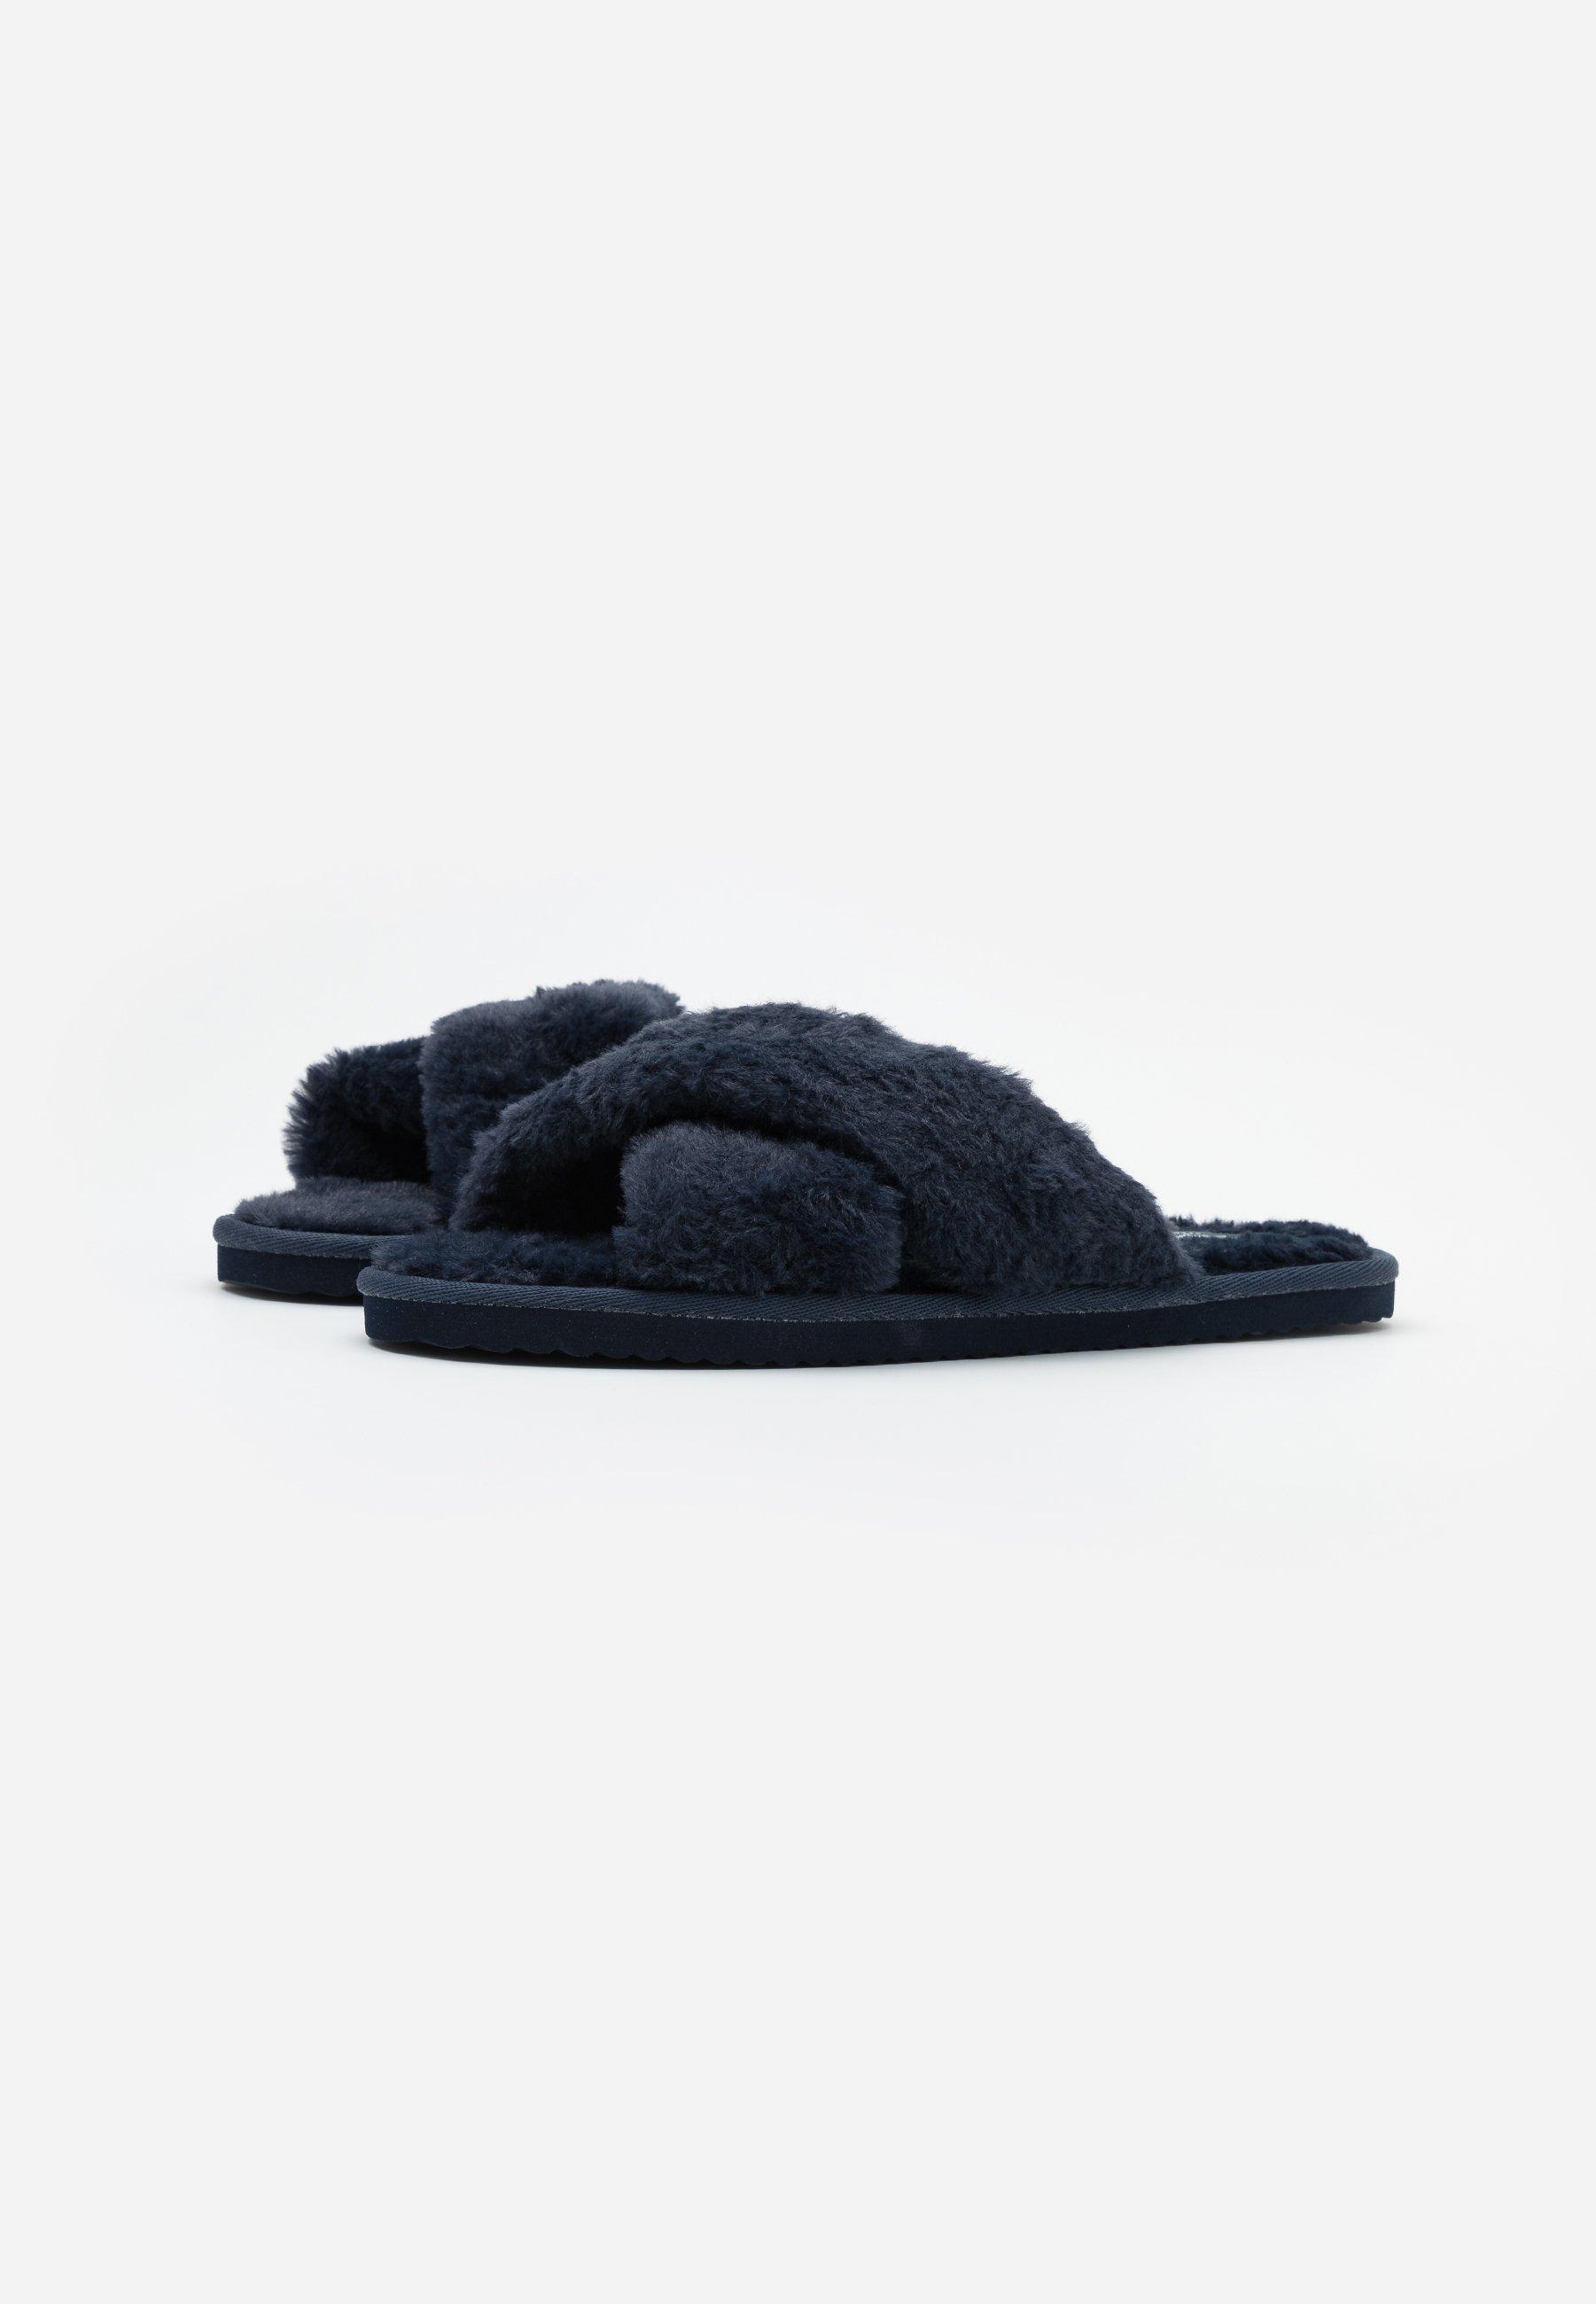 Superdry Slide - Pantoffels Navy Goedkope Schoenen